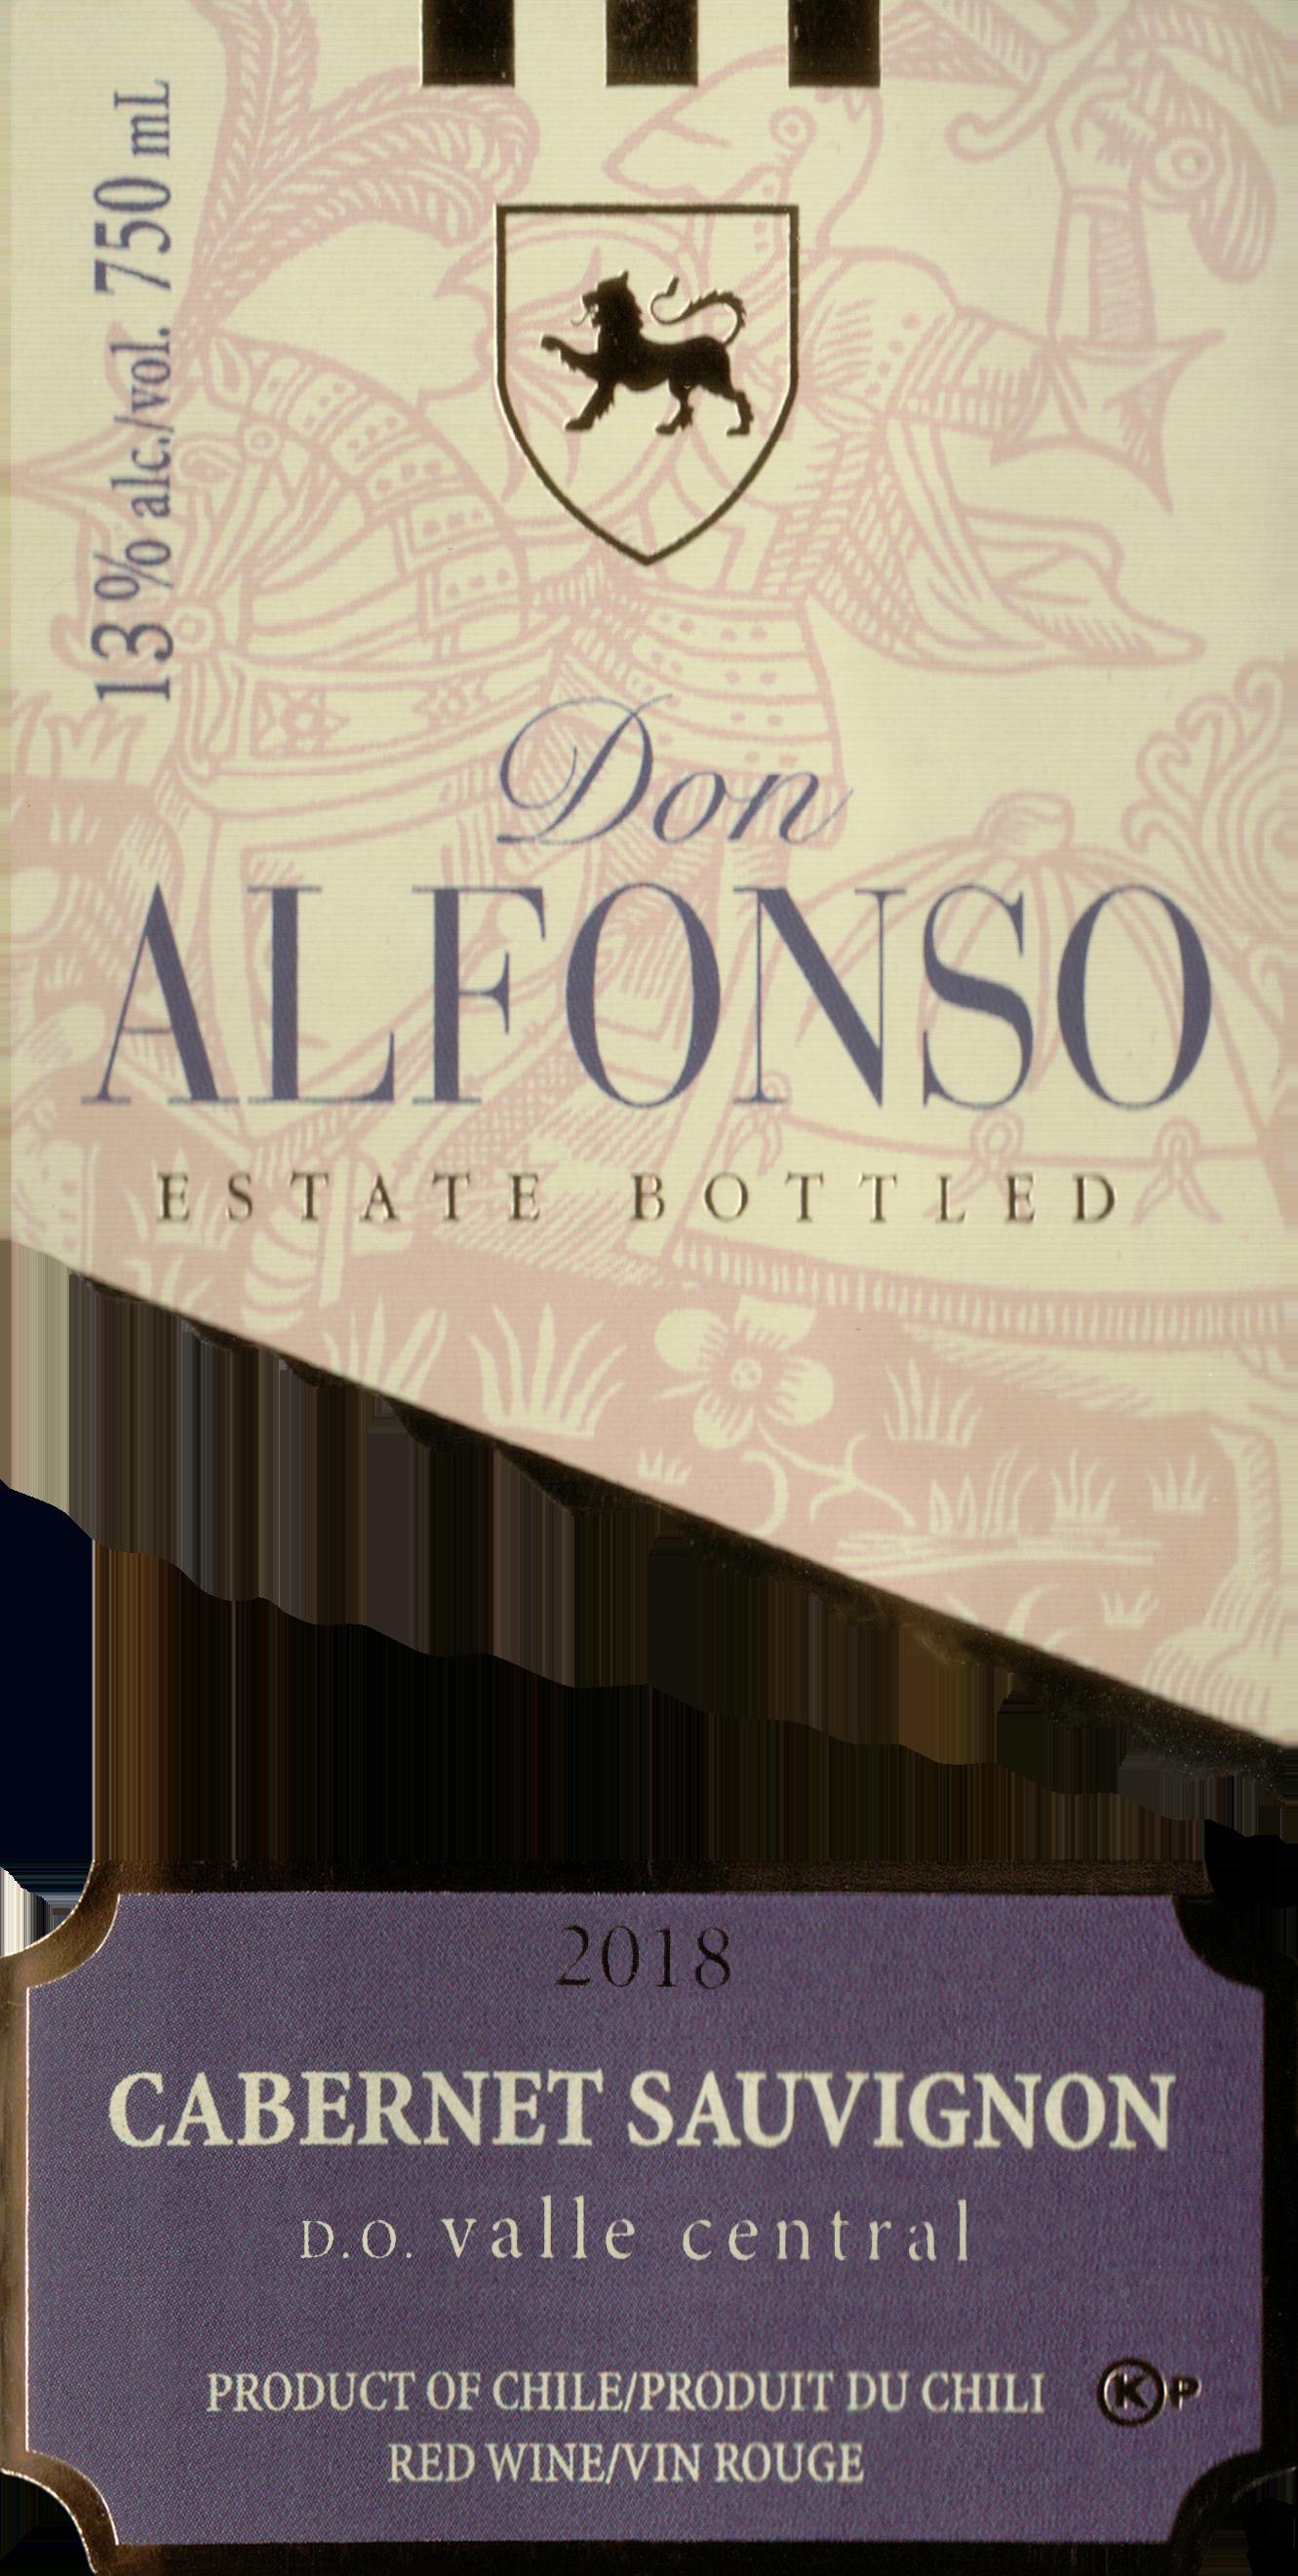 Don Alfonso Cabernet Sauvignon 2018